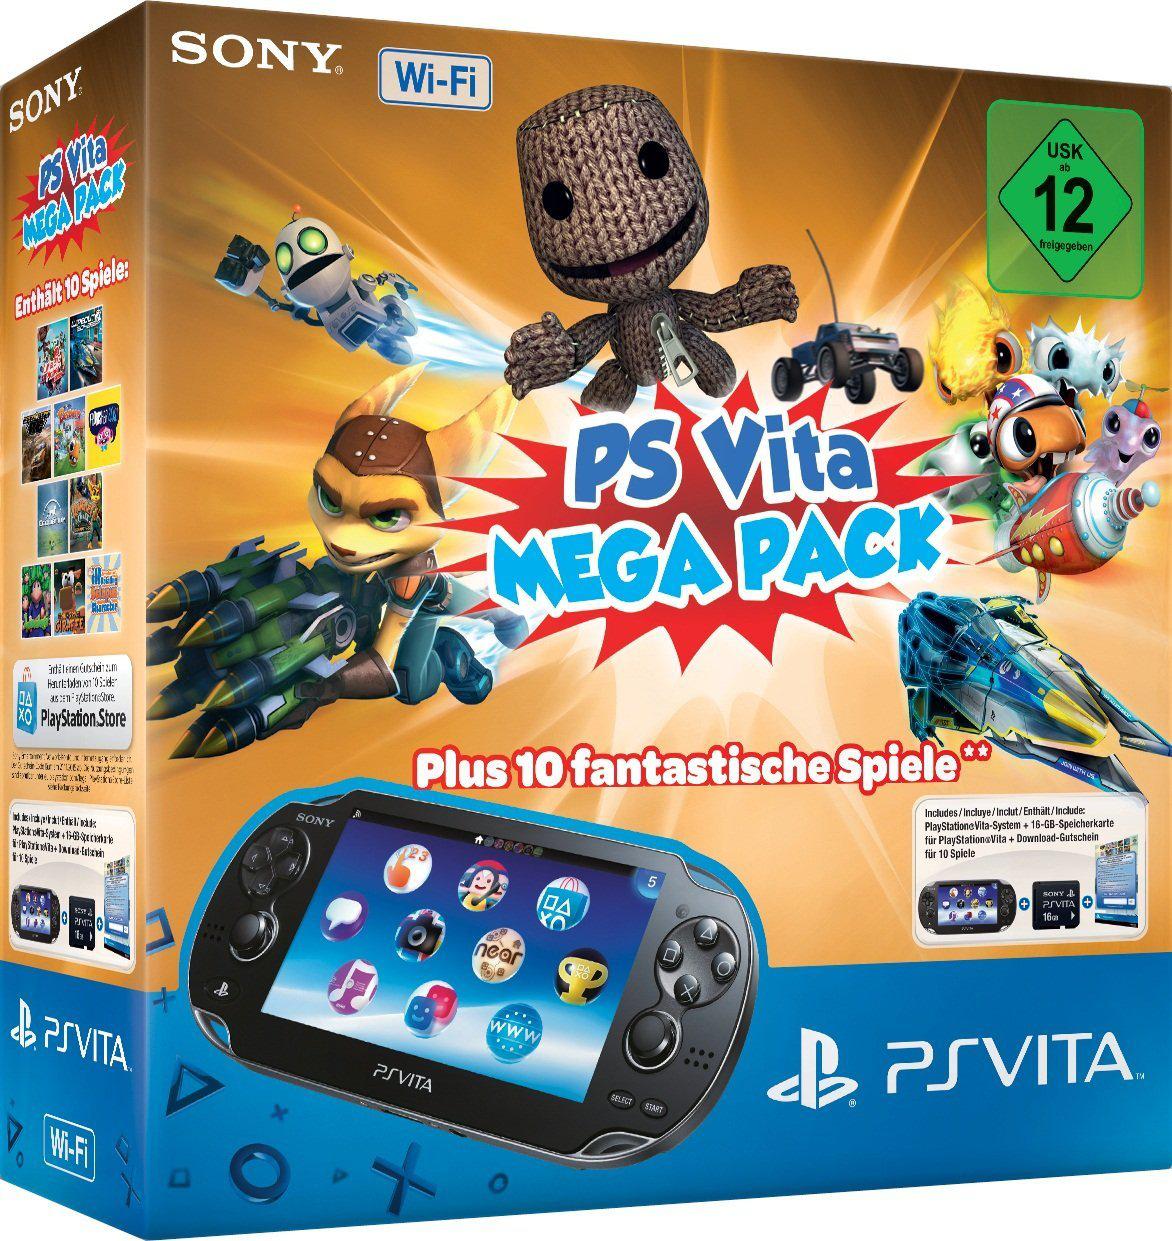 Console Sony PS Vita Wi-Fi Mega Pack (10 jeux) + Carte mémoire 16Go